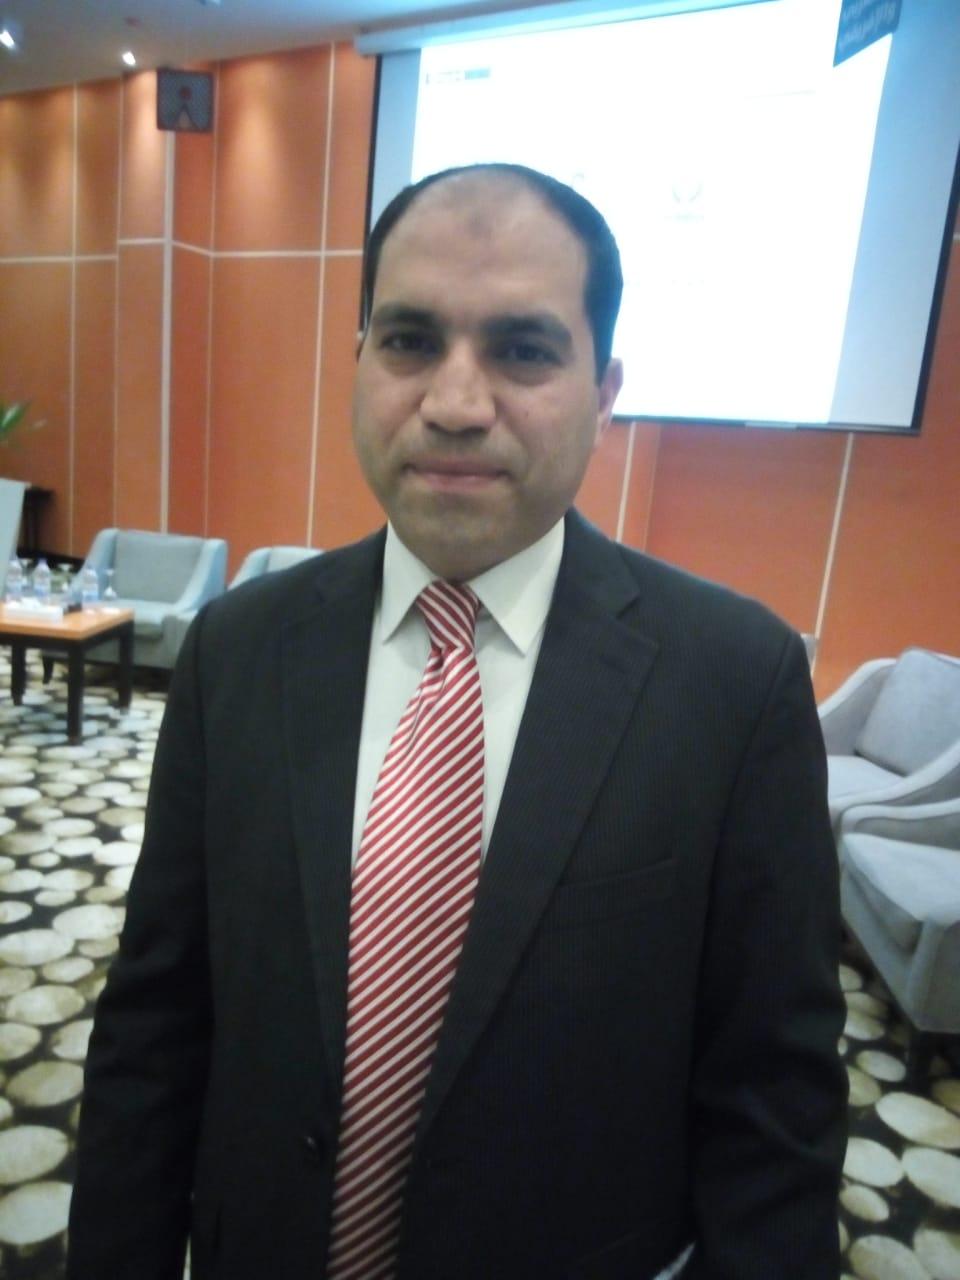 المتحدث الرسمى لتنسيقية شباب الإحزاب: صالون «التنسيقية» جزء من المنصة الحوارية لمناقشة السياسة المصرية